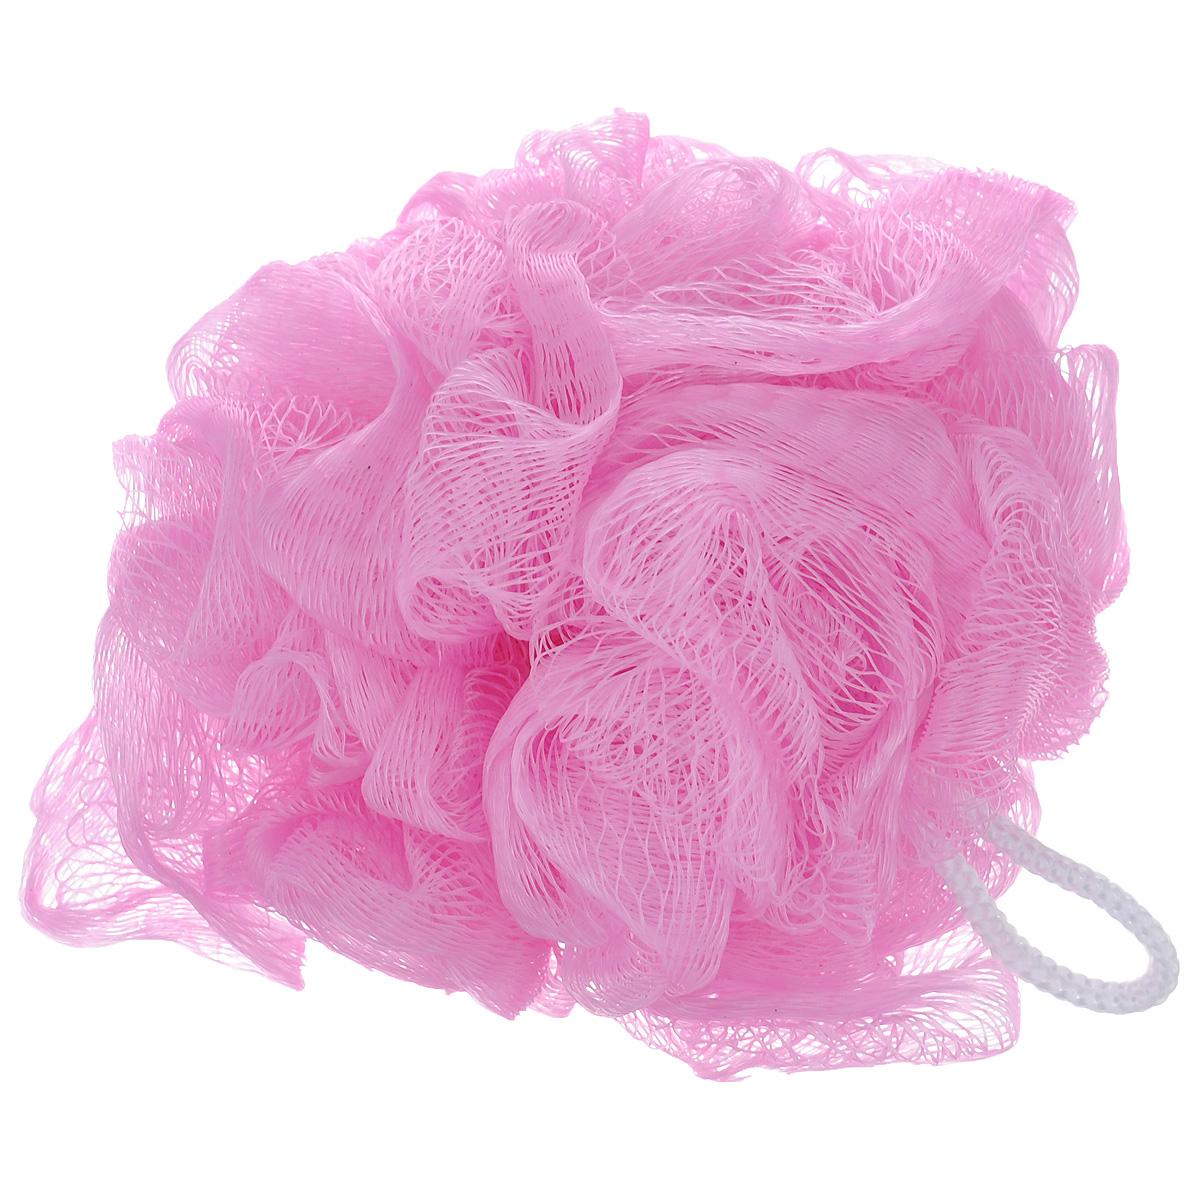 Мочалка из нейлона Home Queen, цвет: розовый. 5719957199 розовыйМочалка-бант Home Queen изготовлена из нейлона. Она мягко и бережно очищает и массирует кожу, улучшает циркуляцию крови и обмен веществ. Благодаря воздушной структуре, мочалка создает пышную пену даже при экономном использовании геля для душа. Подходит для всех типов кожи и не вызывает аллергии.